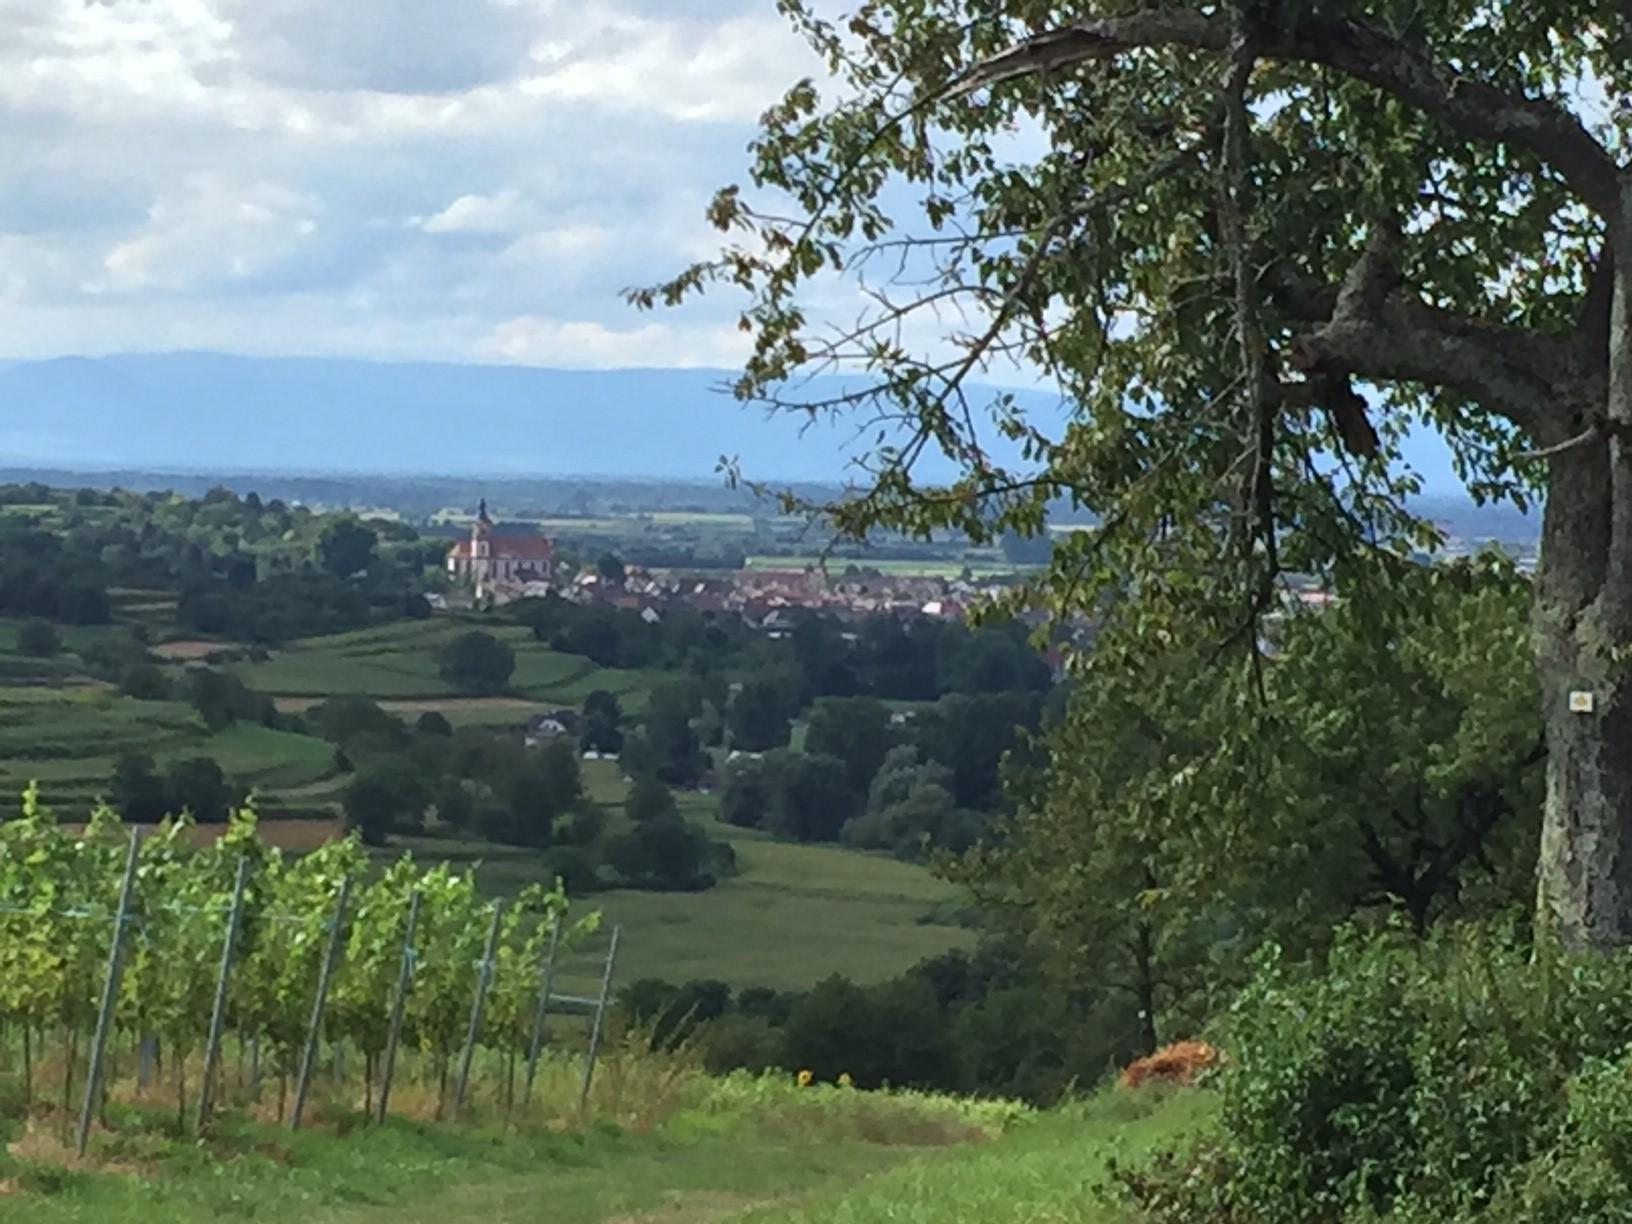 Stadt Ettenheim, Wasserversorgungsbetrieb